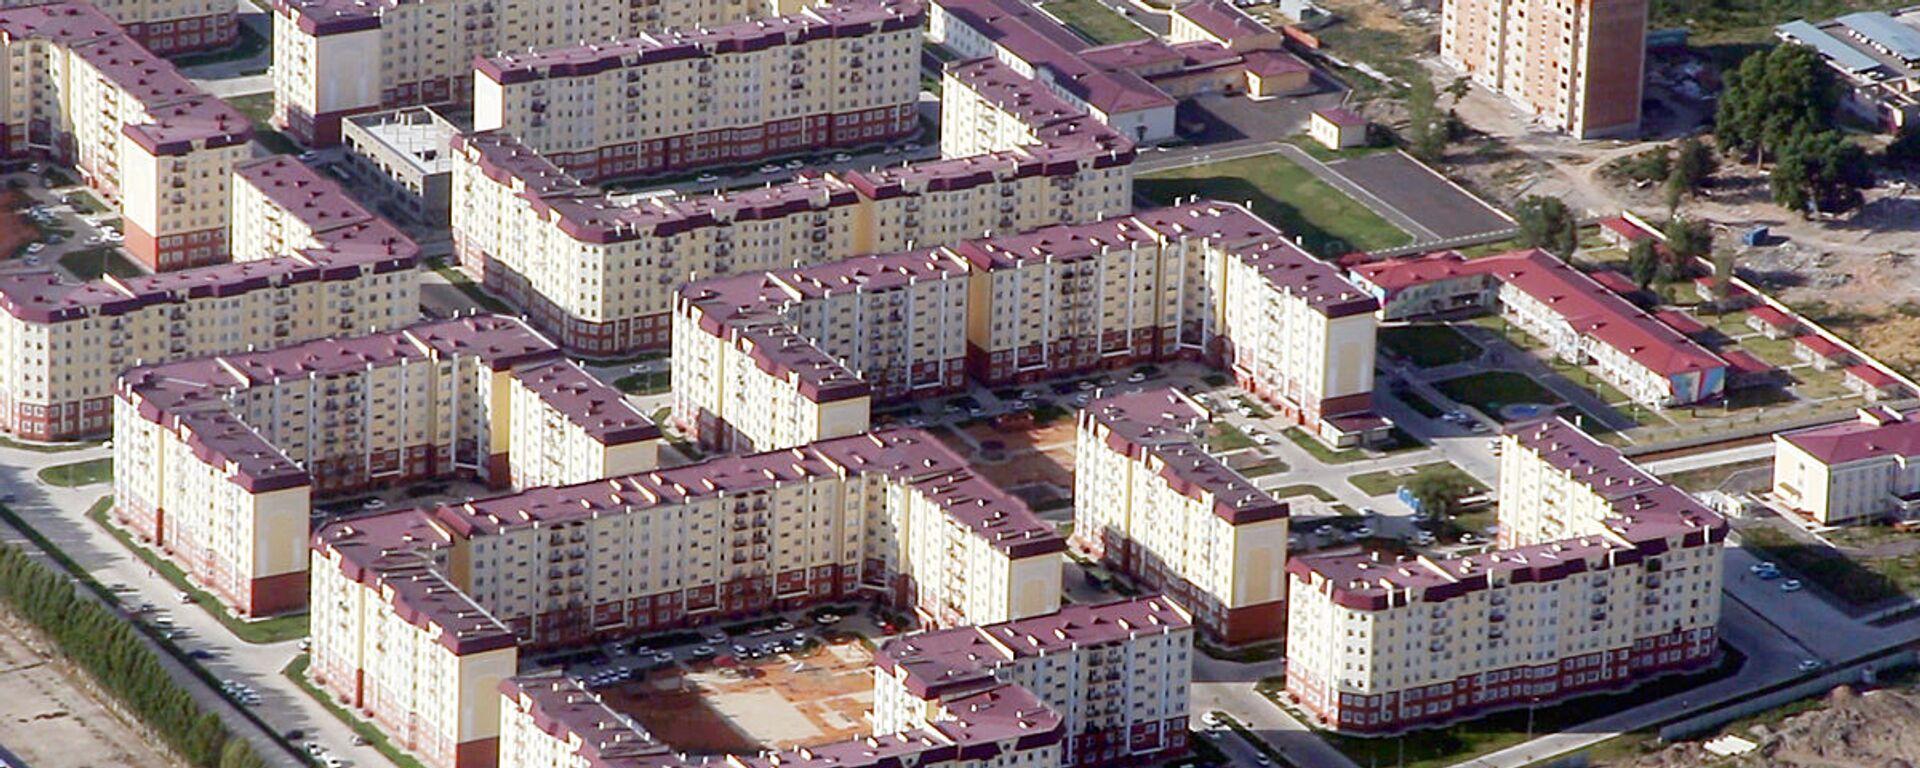 Сергелийский район в Ташкенте - Sputnik Узбекистан, 1920, 25.07.2021